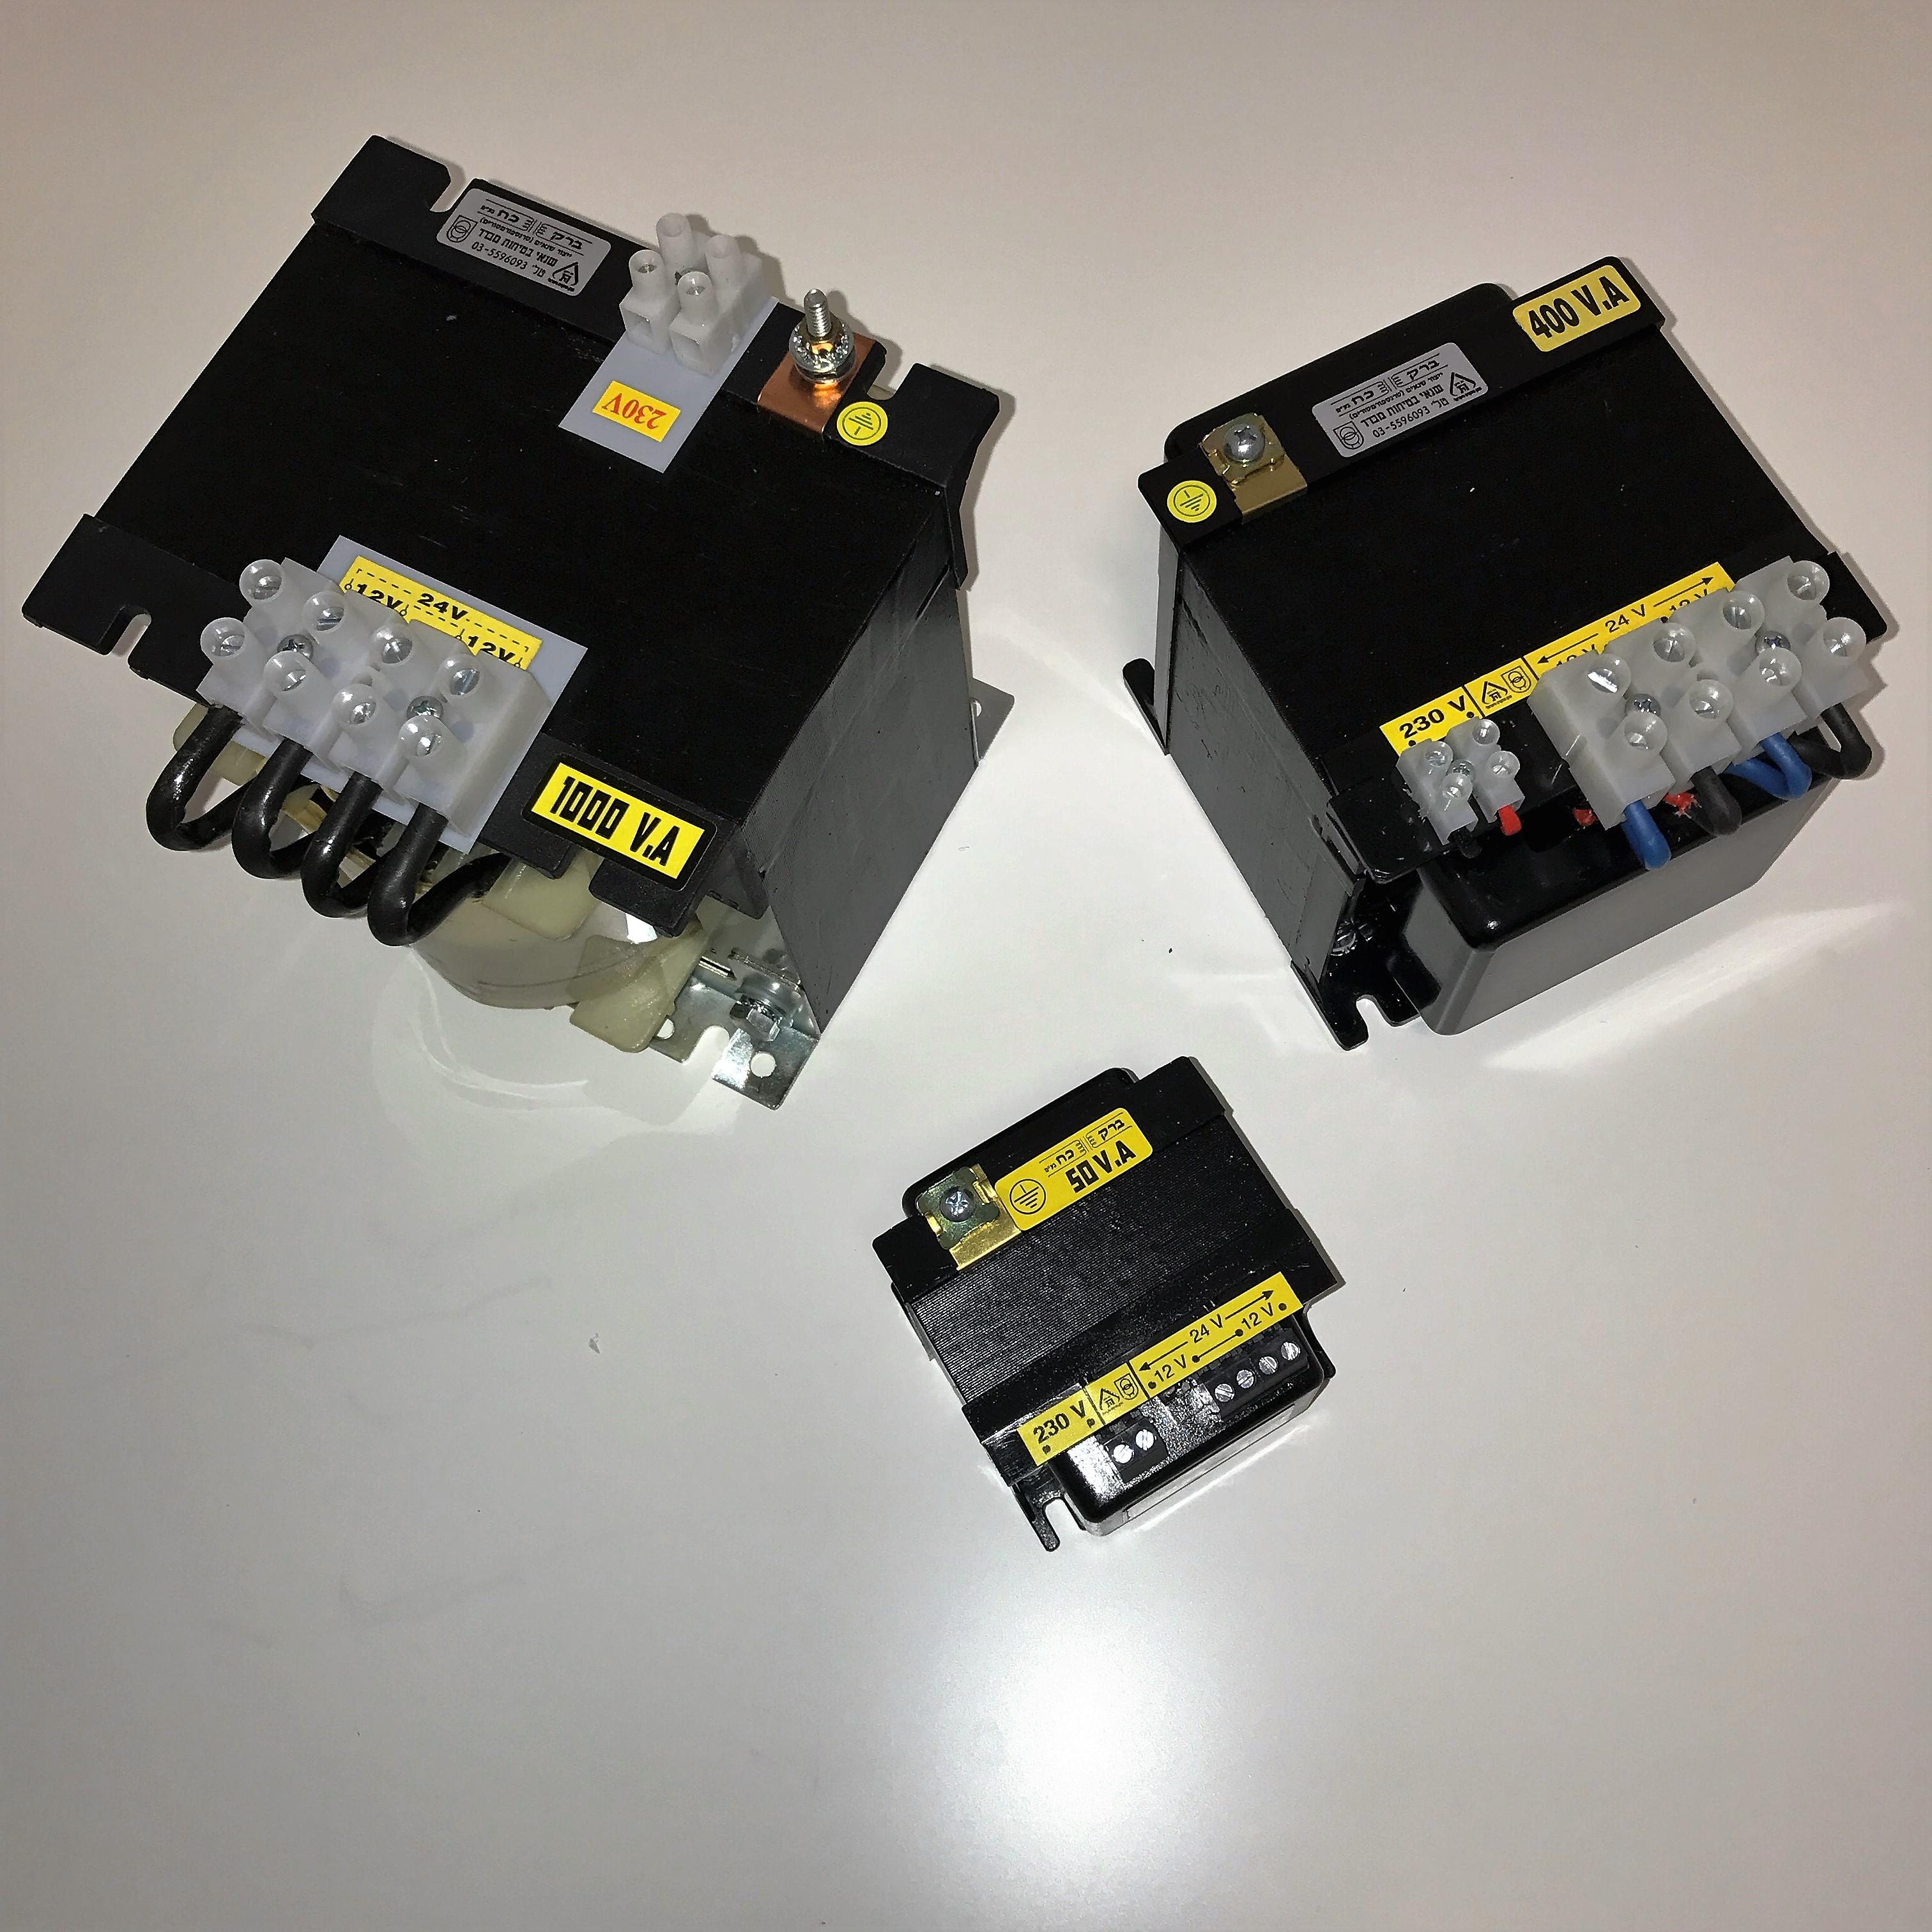 שנאי מבדל בהספק 8000VA במתחים שונים